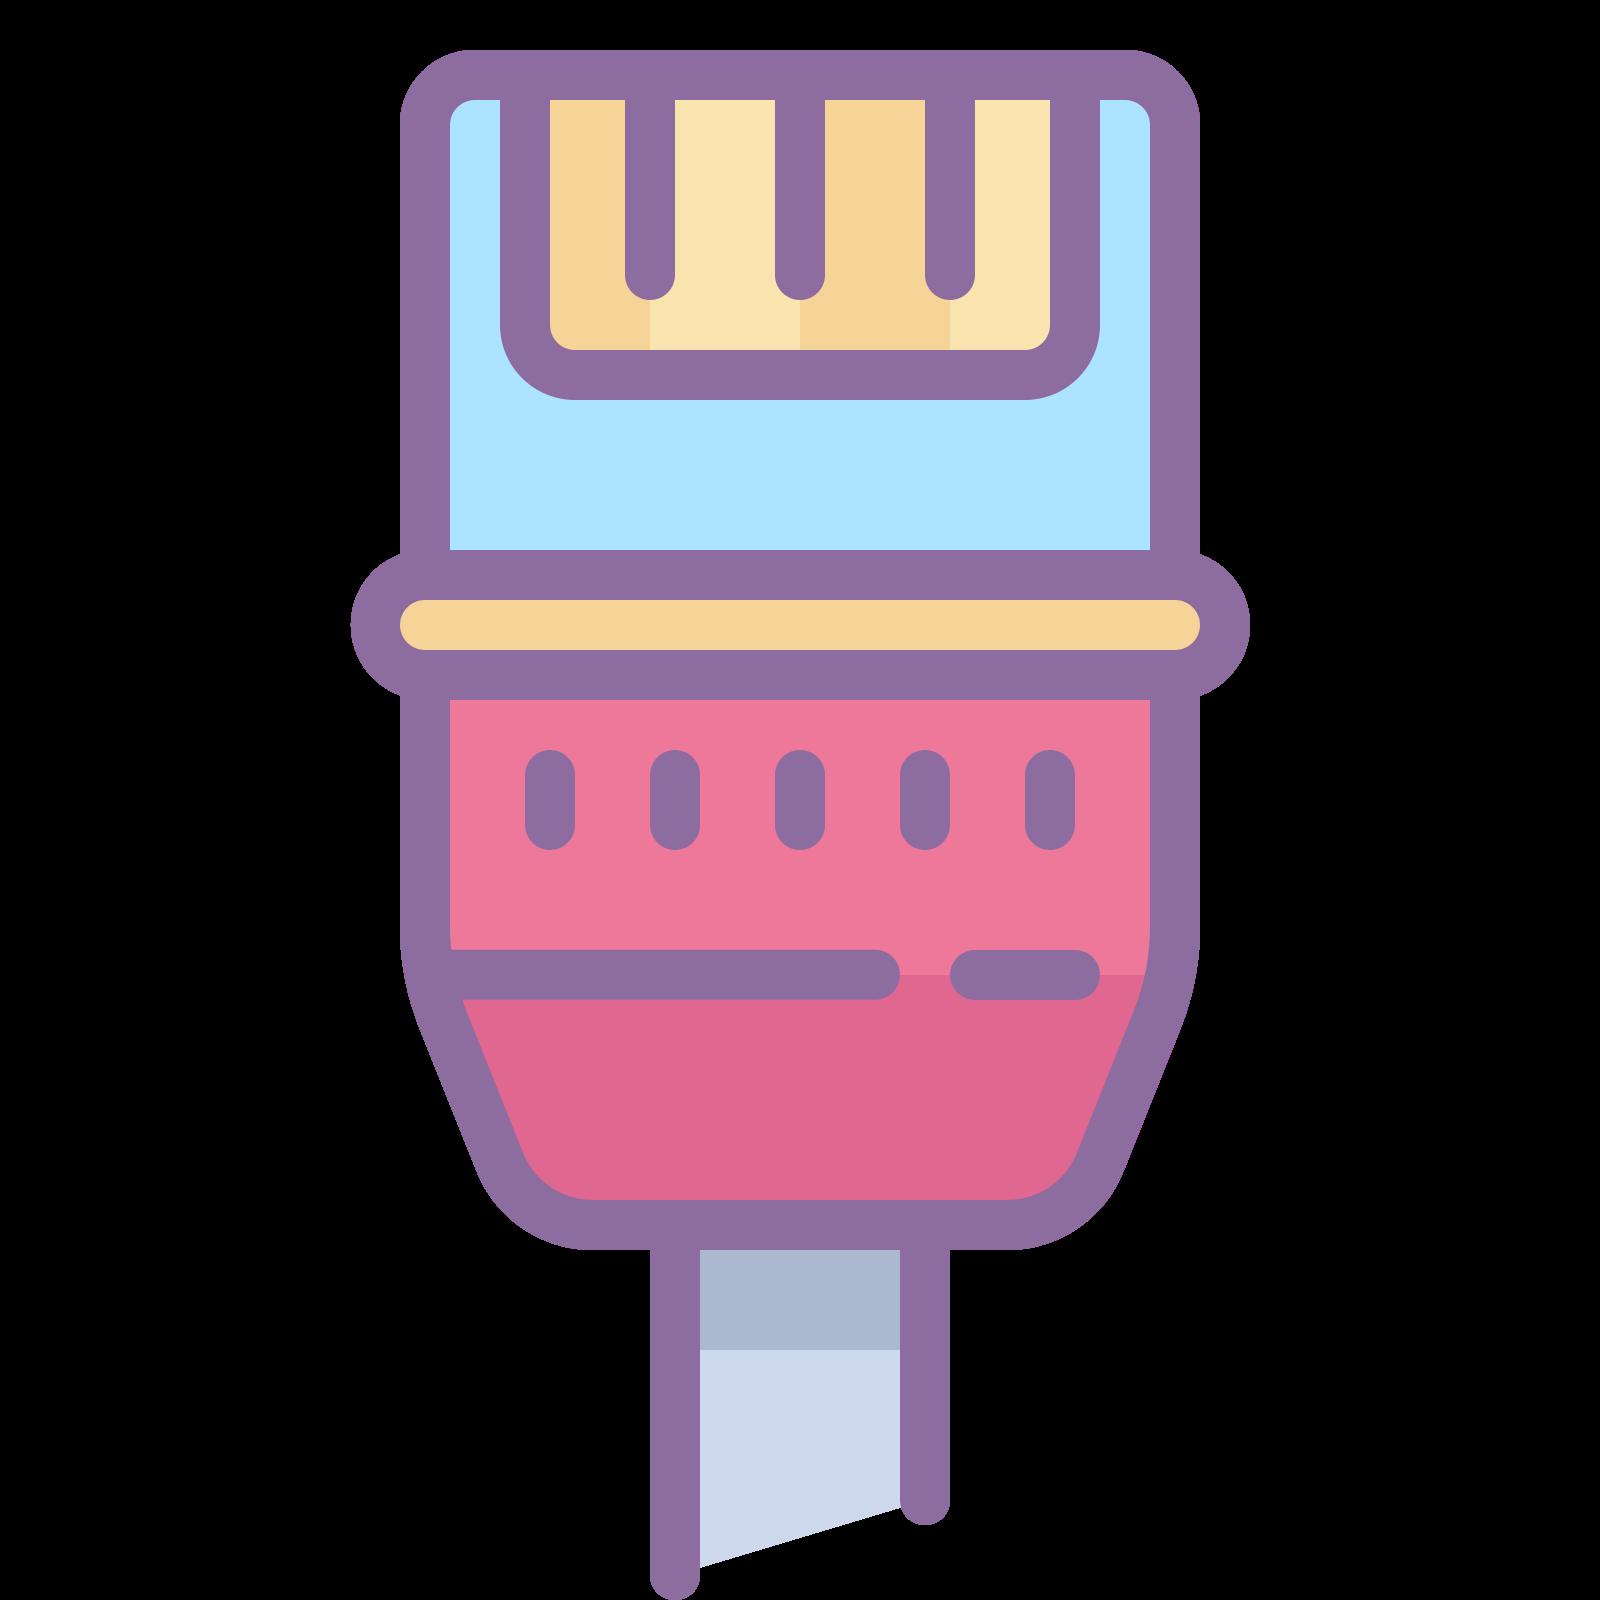 Sieć przewodowa icon